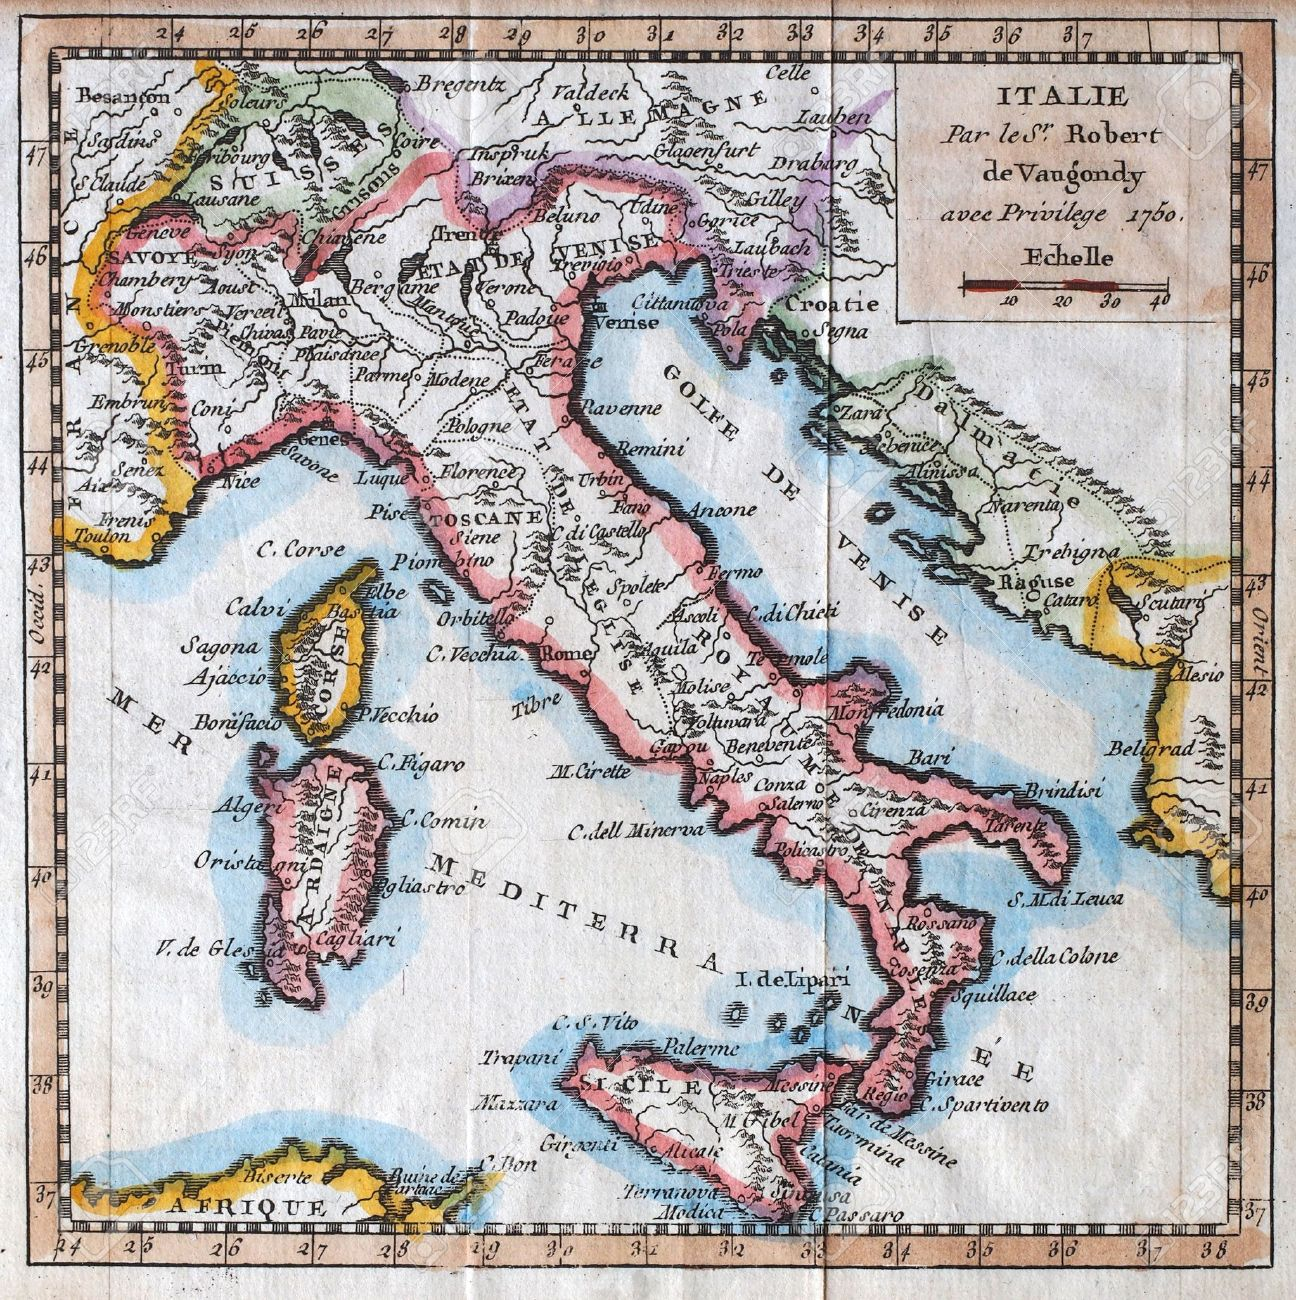 Carte de l'Italie, par le géographe royal français Vaugondy